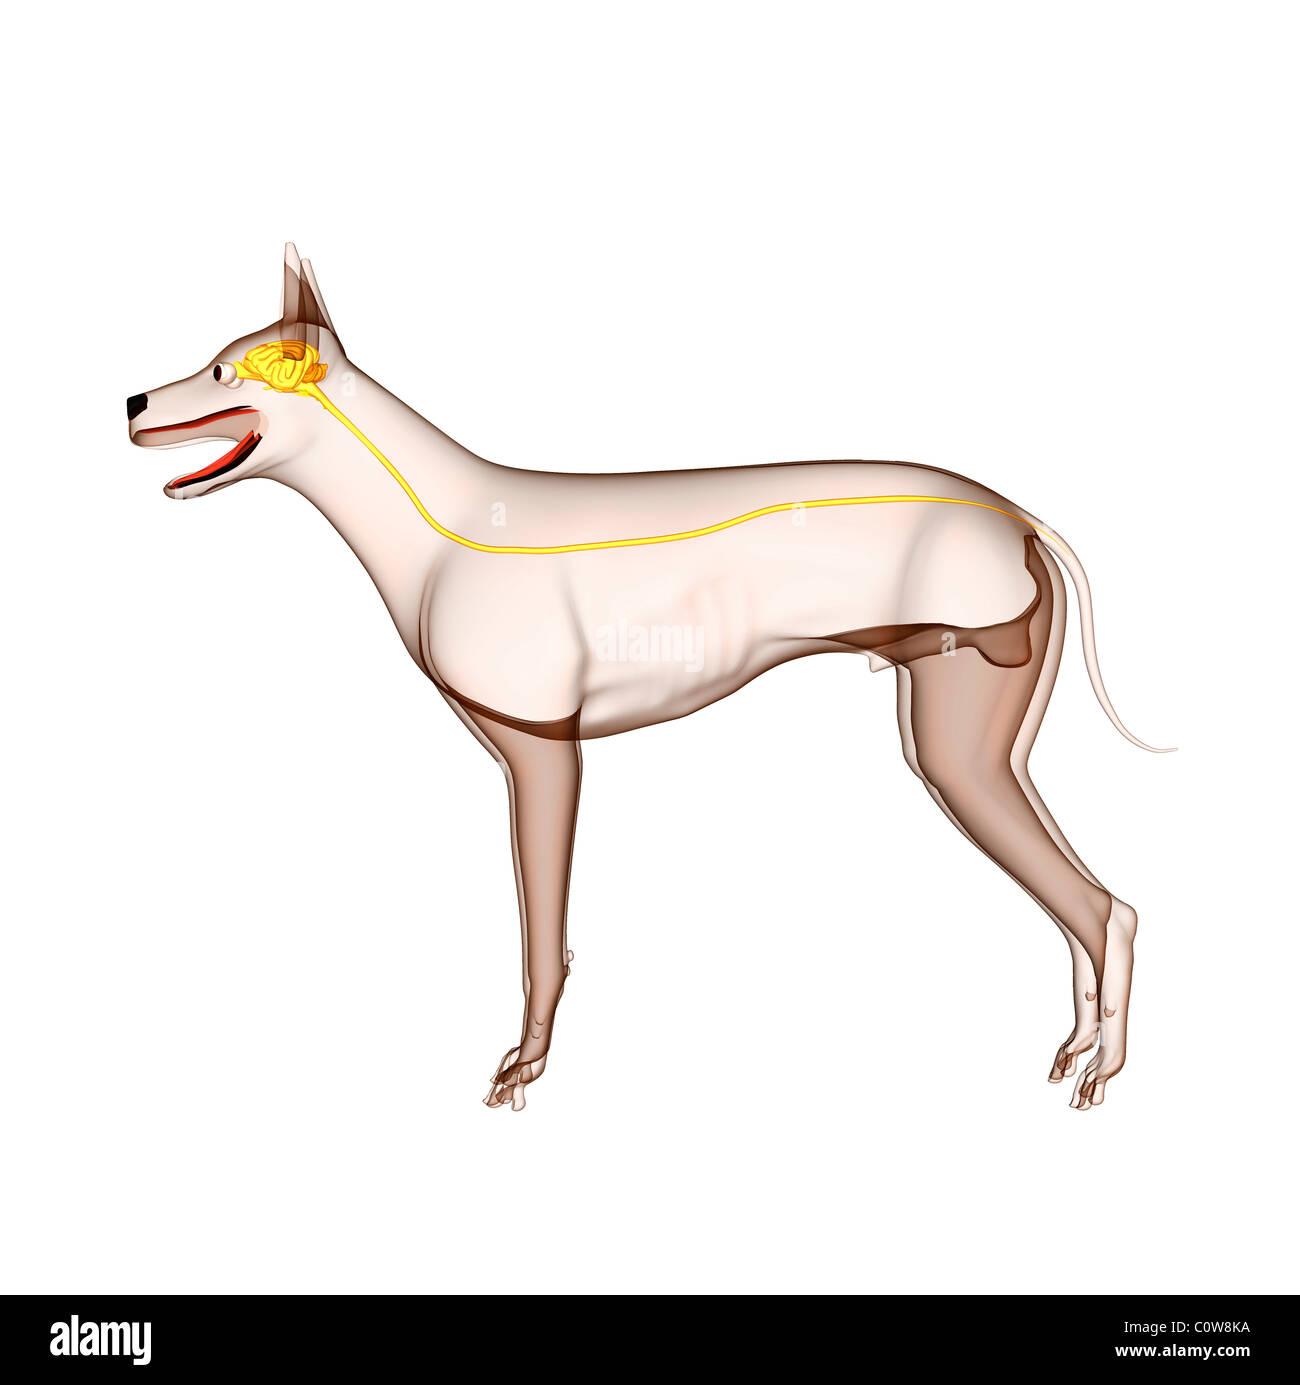 Anatomy of dog stomach